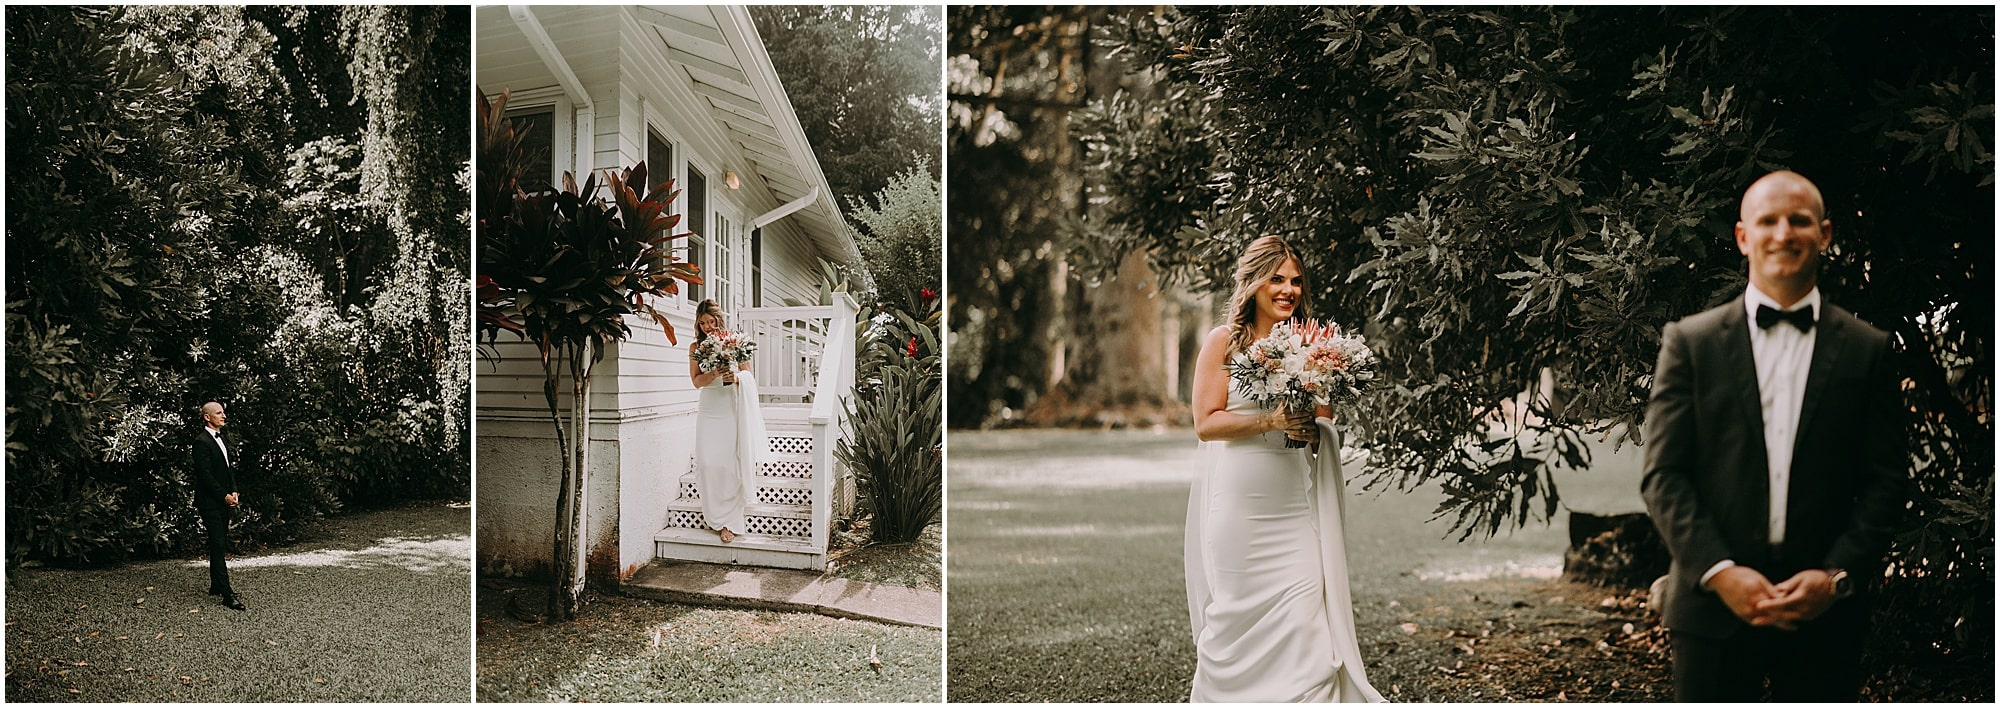 Hana Maui wedding 13